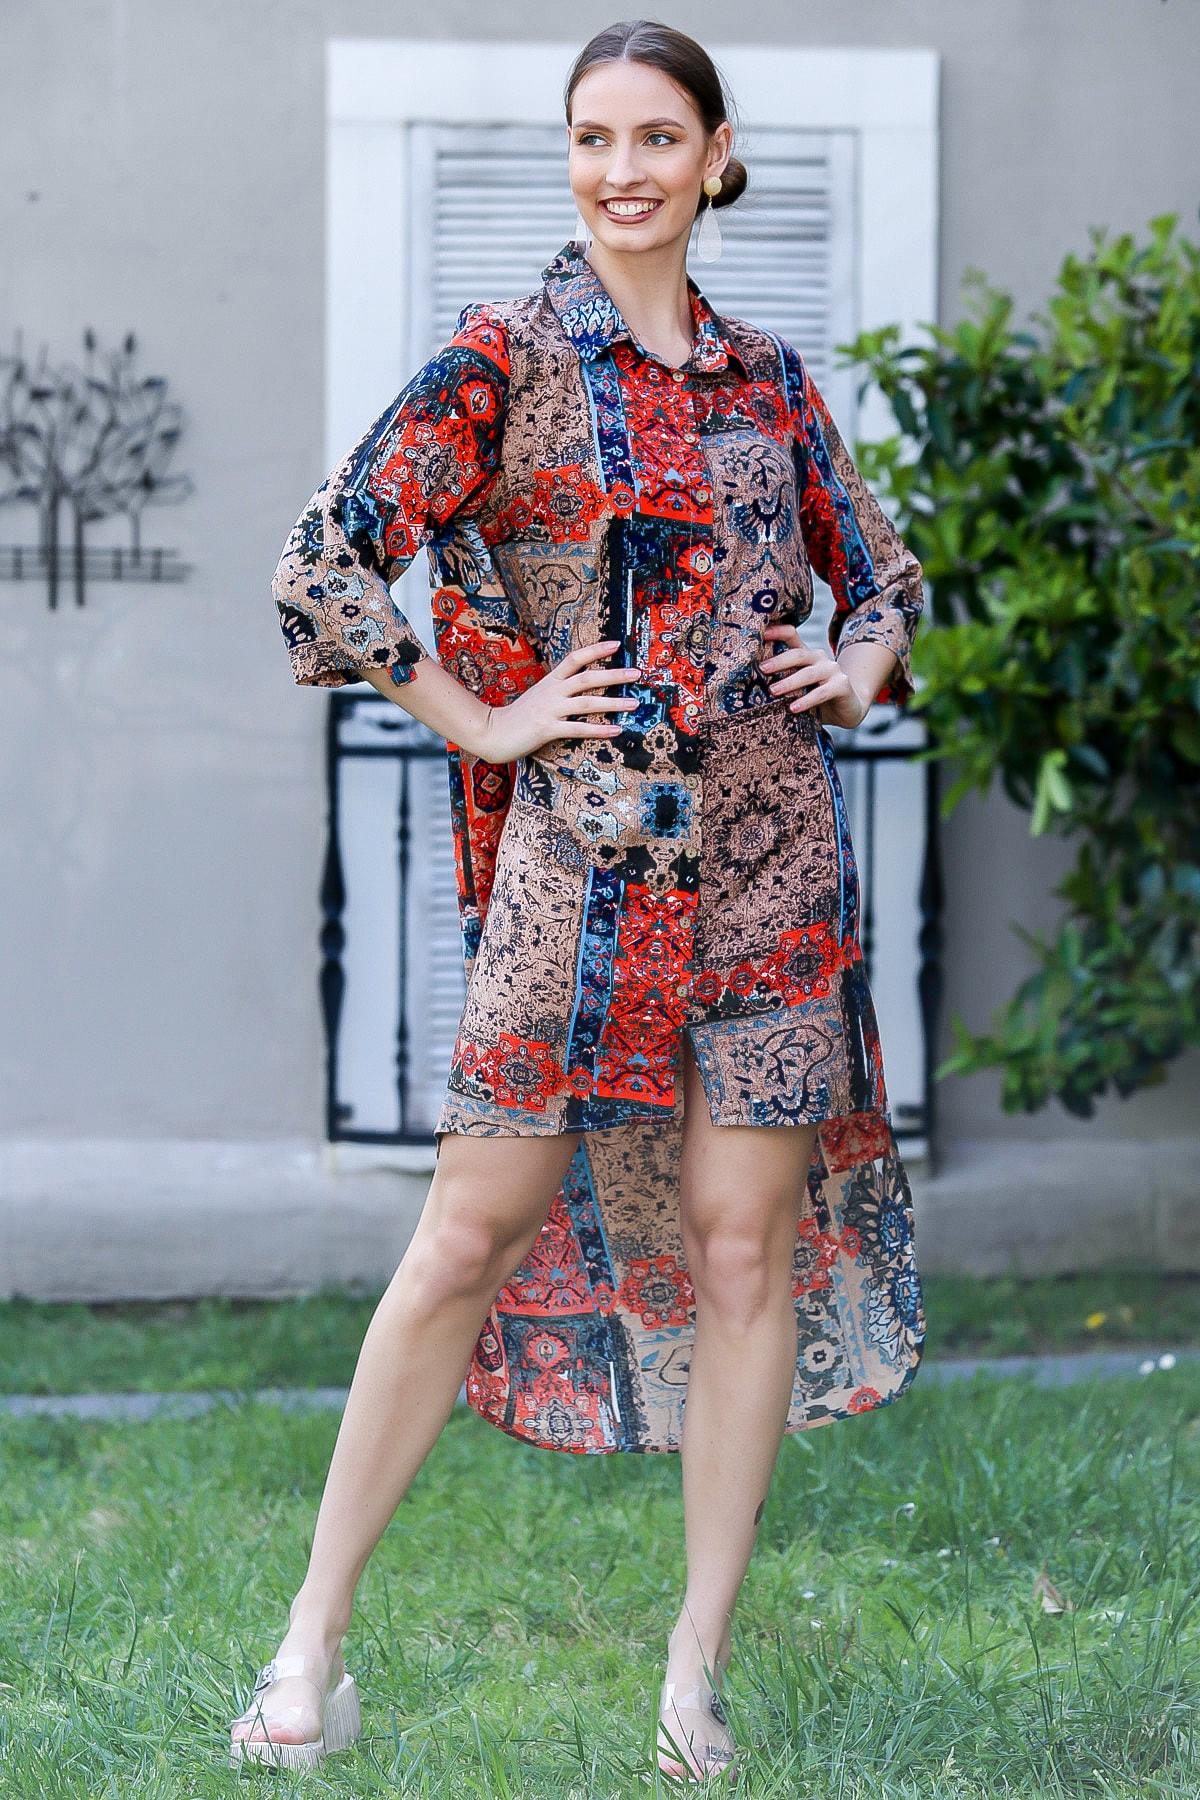 Chiccy Kadın Açık Kahve Gömlek Yakalı Şal Desenli Düğmeli Önü Kısa Arkası Uzun Elbise M10160000EL94925